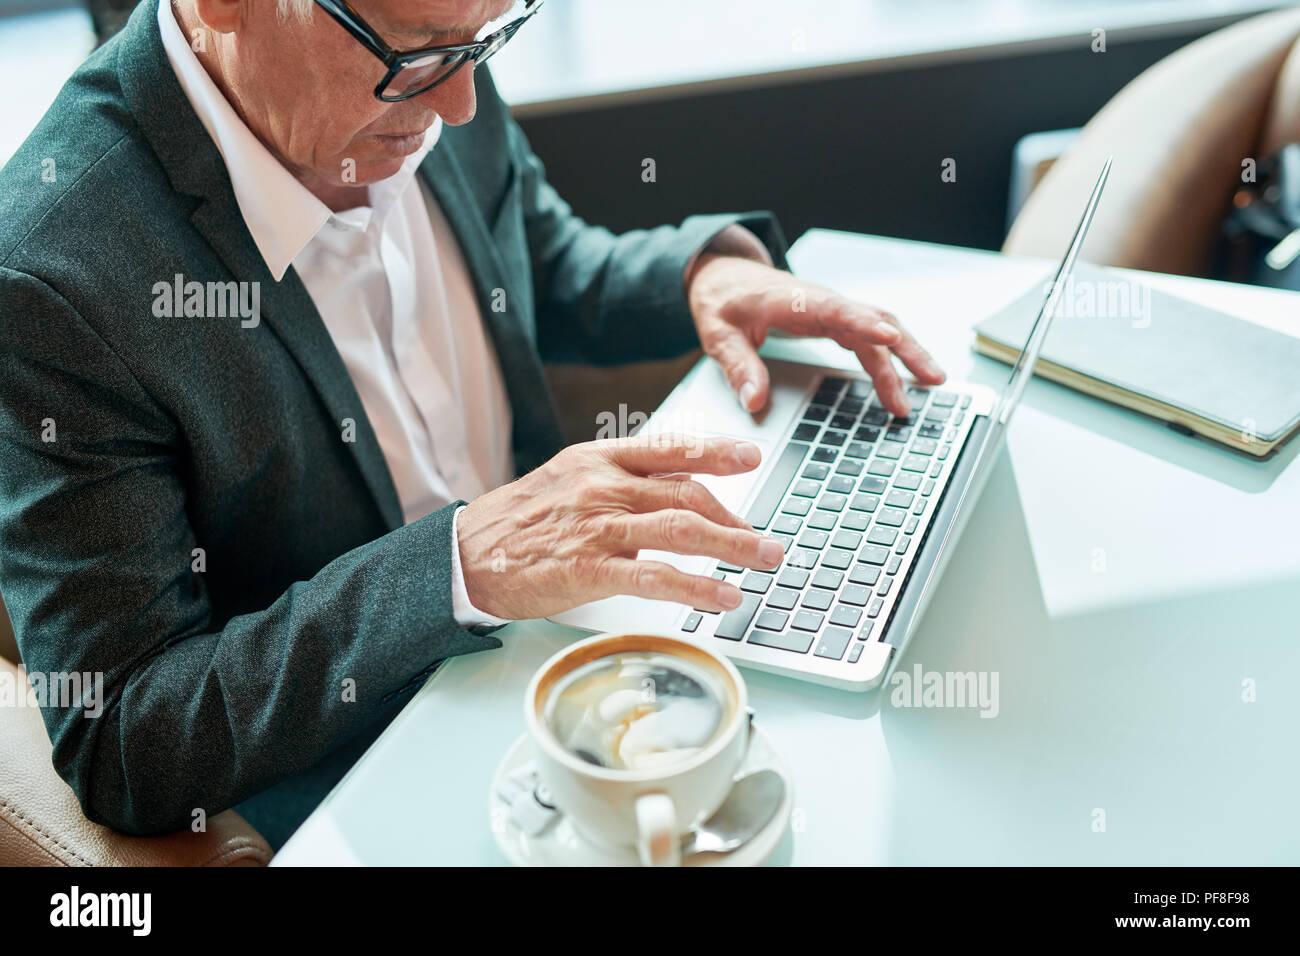 Anziani uomo d affari con computer portatile in cafe Immagini Stock